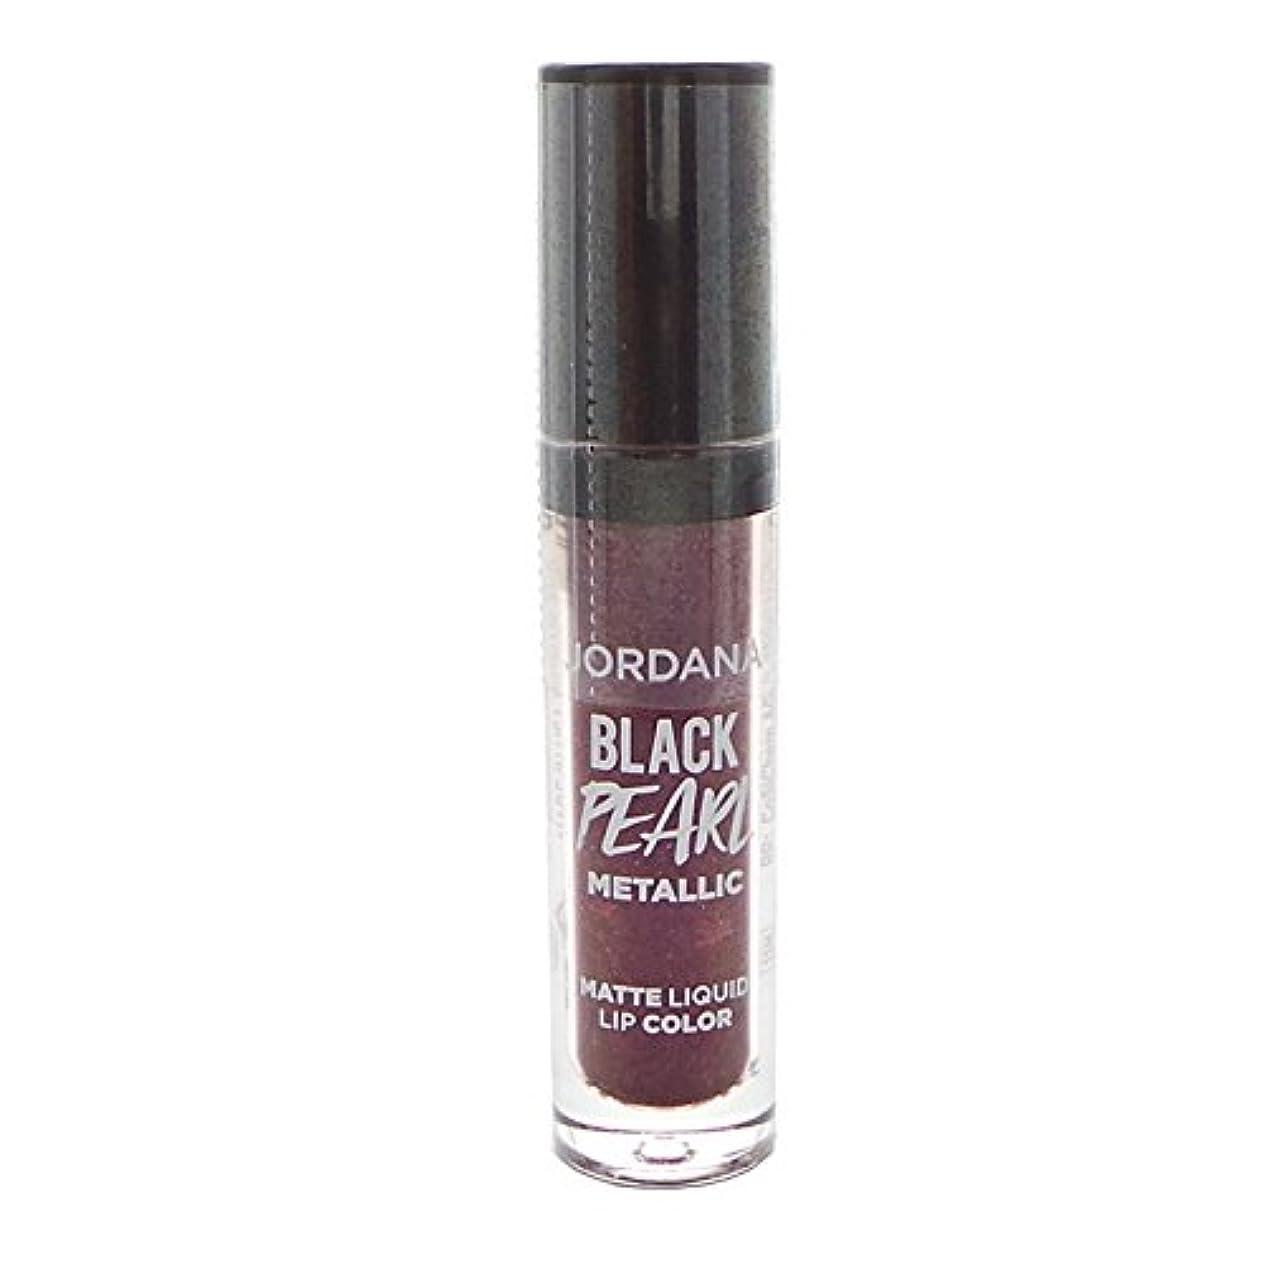 ながらメイド宣教師(6 Pack) JORDANA Black Limited Edition Pearl Metallic Matte Liquid Lip Color - Hocus Pocus Plum (並行輸入品)